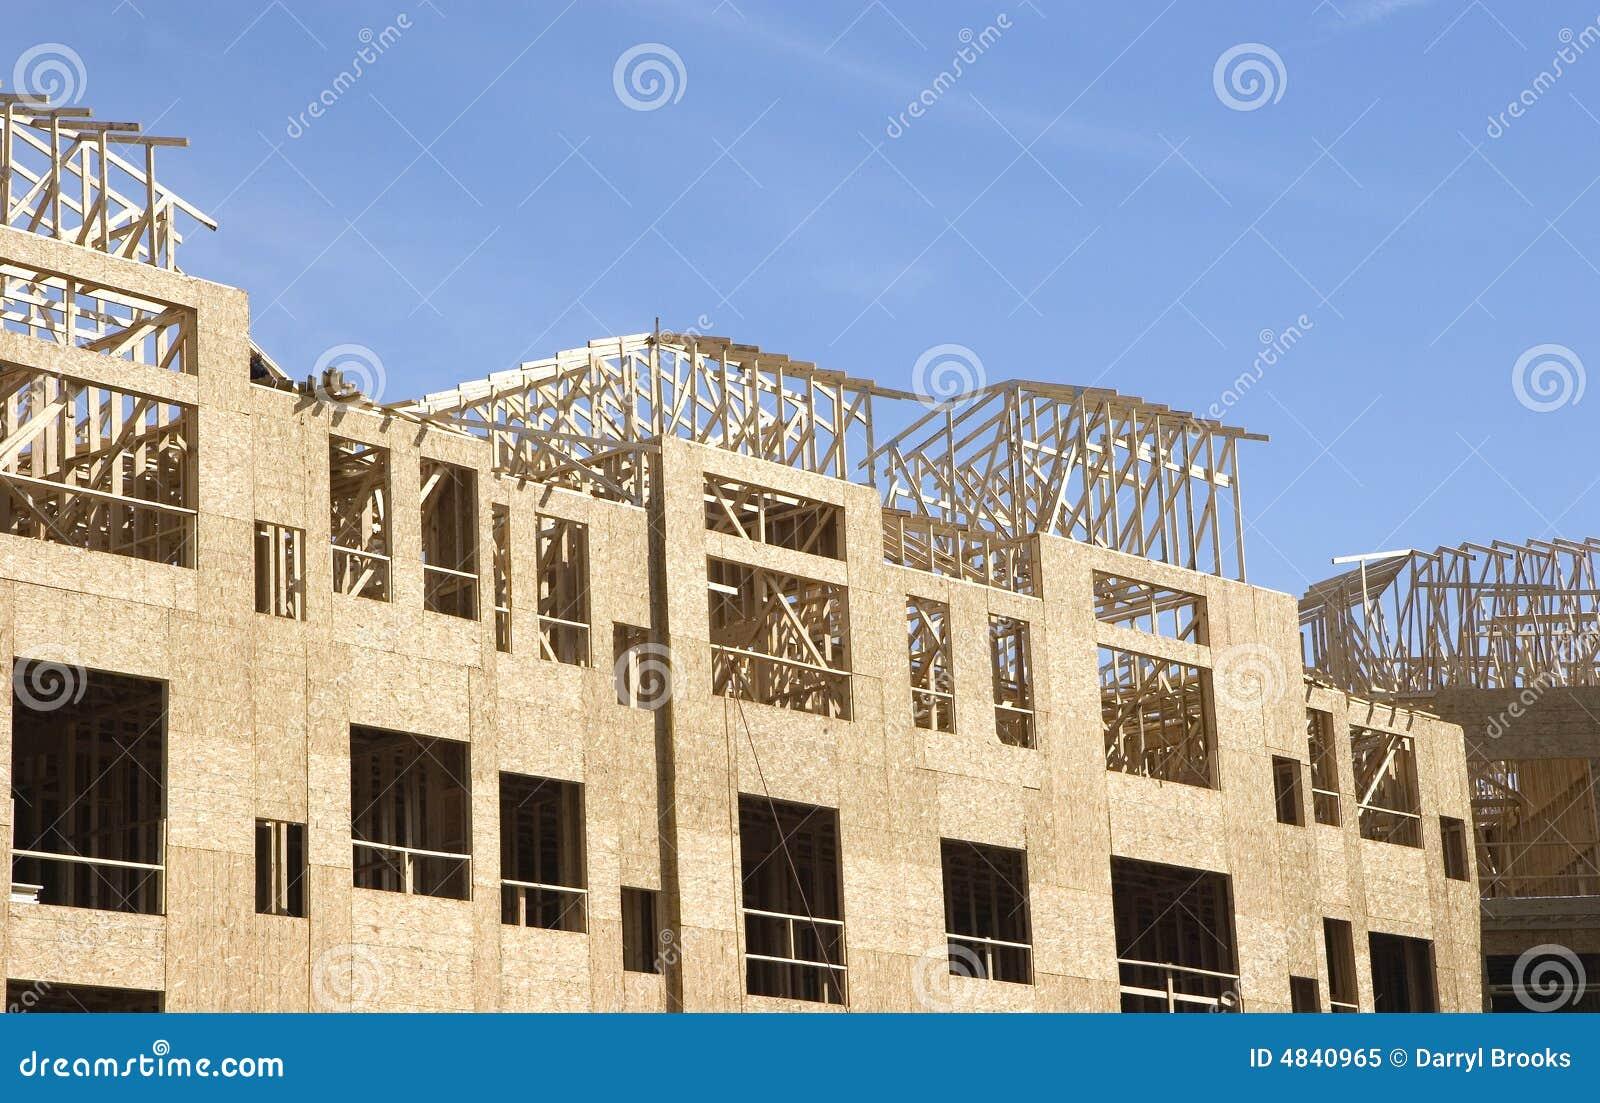 Określanie budowy mieszkania